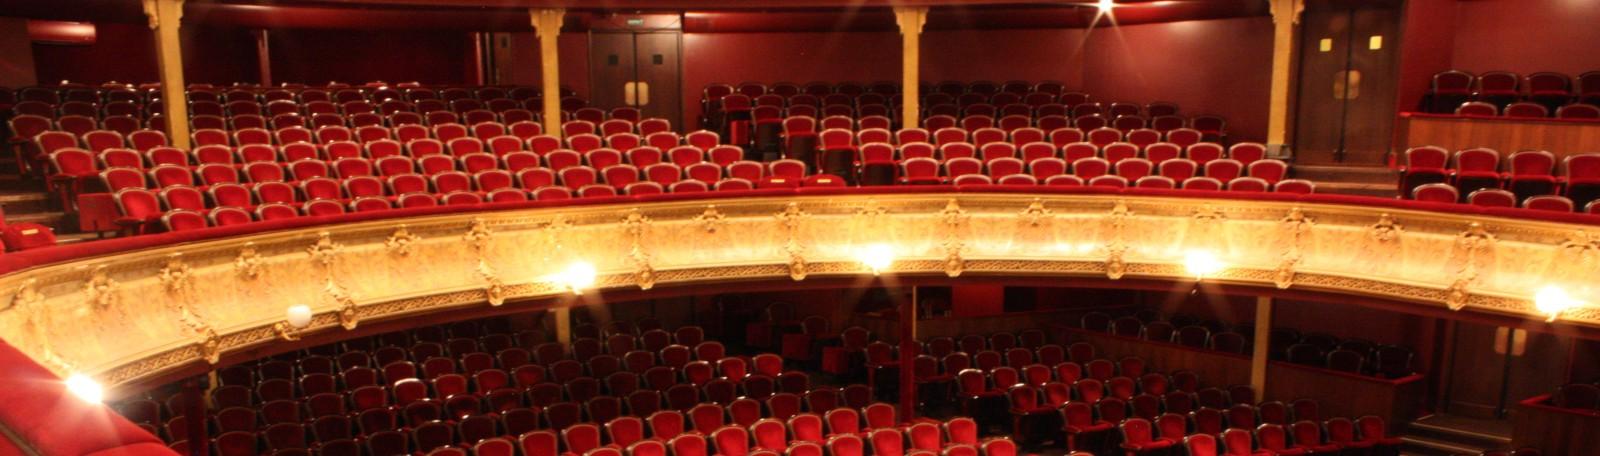 Le Théâtre du Châtelet réouvre ses portes